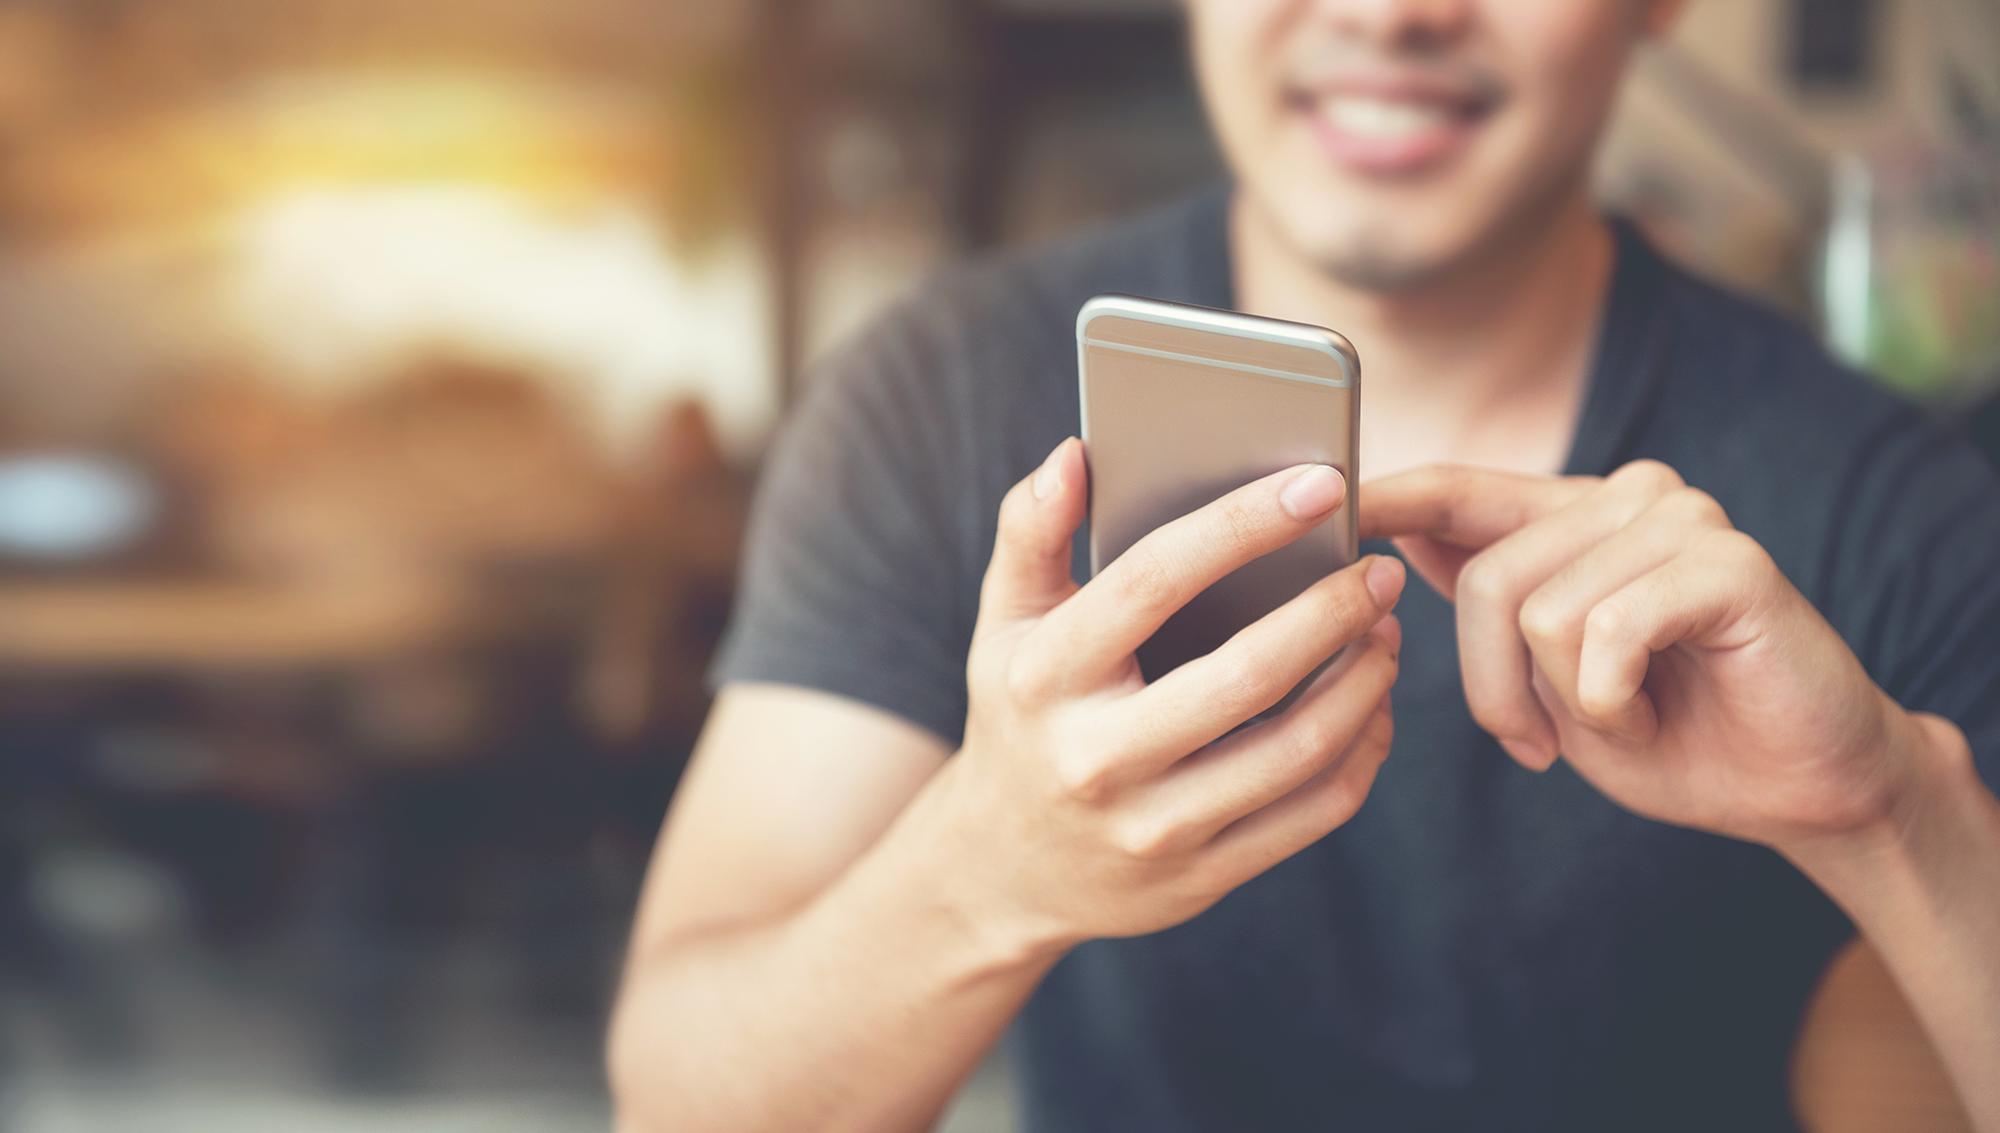 Homme utilisant un téléphone en public.  (Image: Shutterstock)